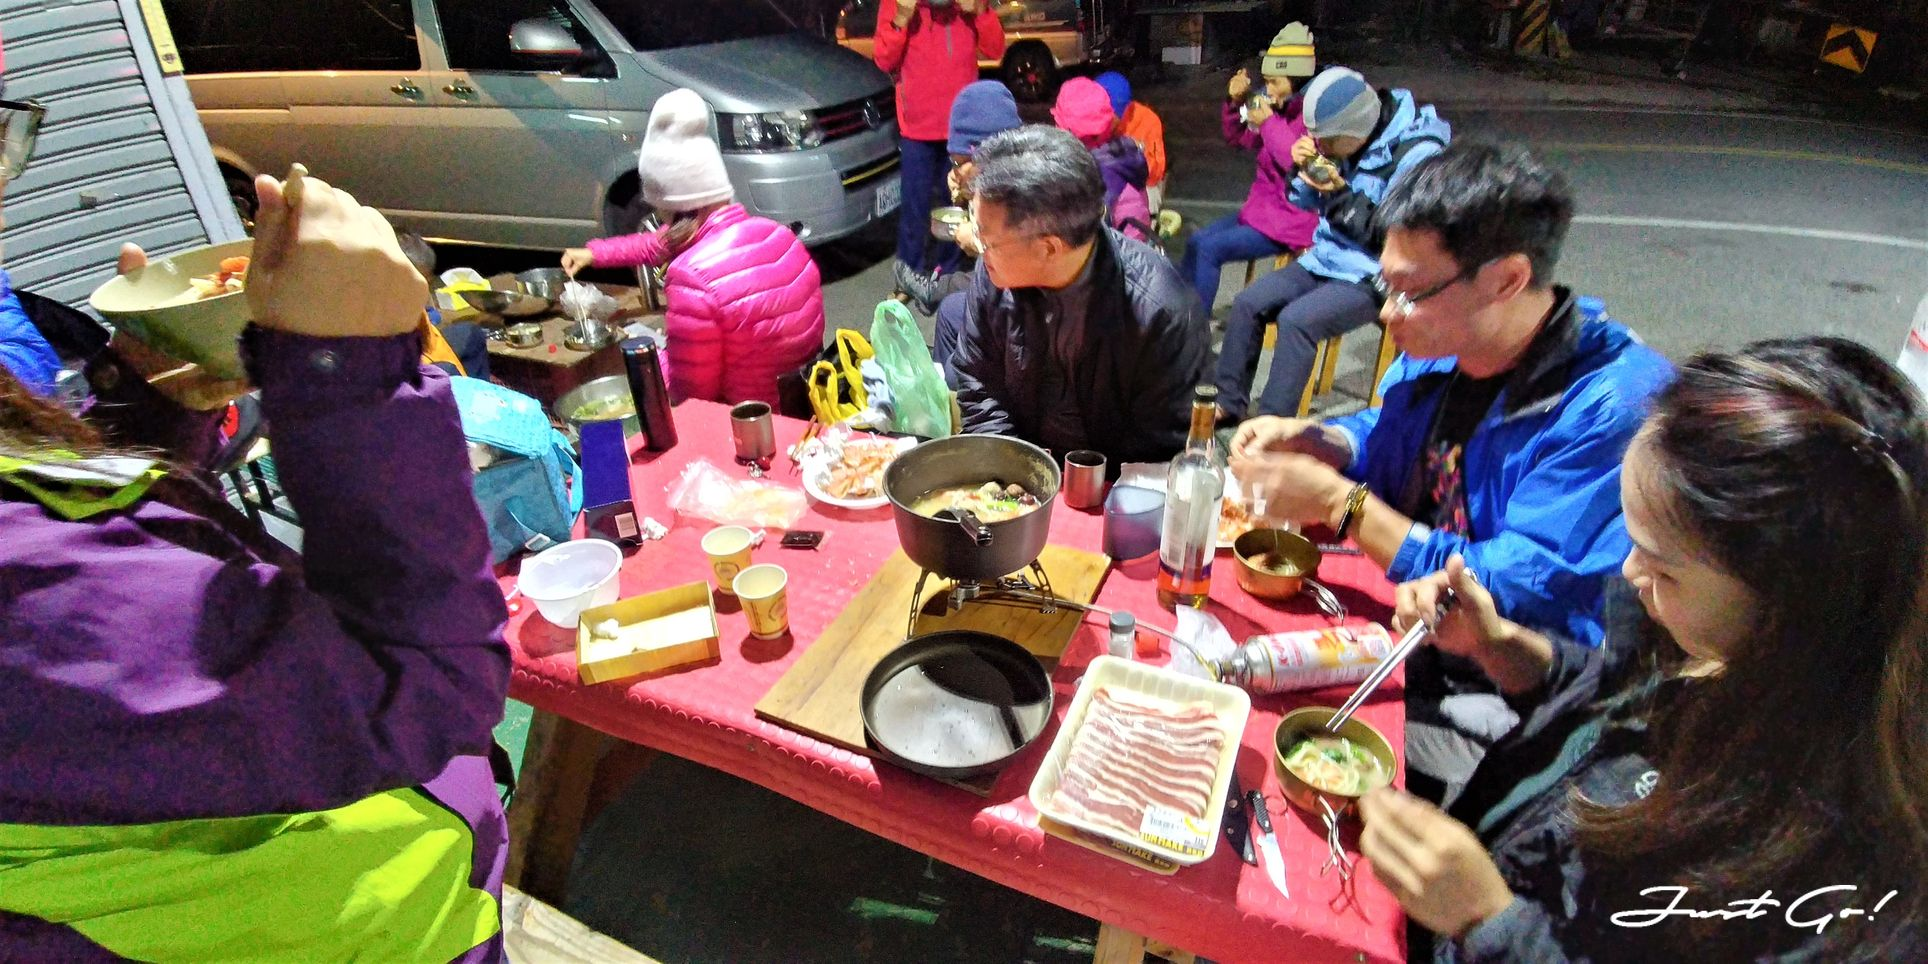 台灣 - 一日百岳·畢祿羊頭縱走單攻紀錄- gpx路線、申請、接駁及遊記1